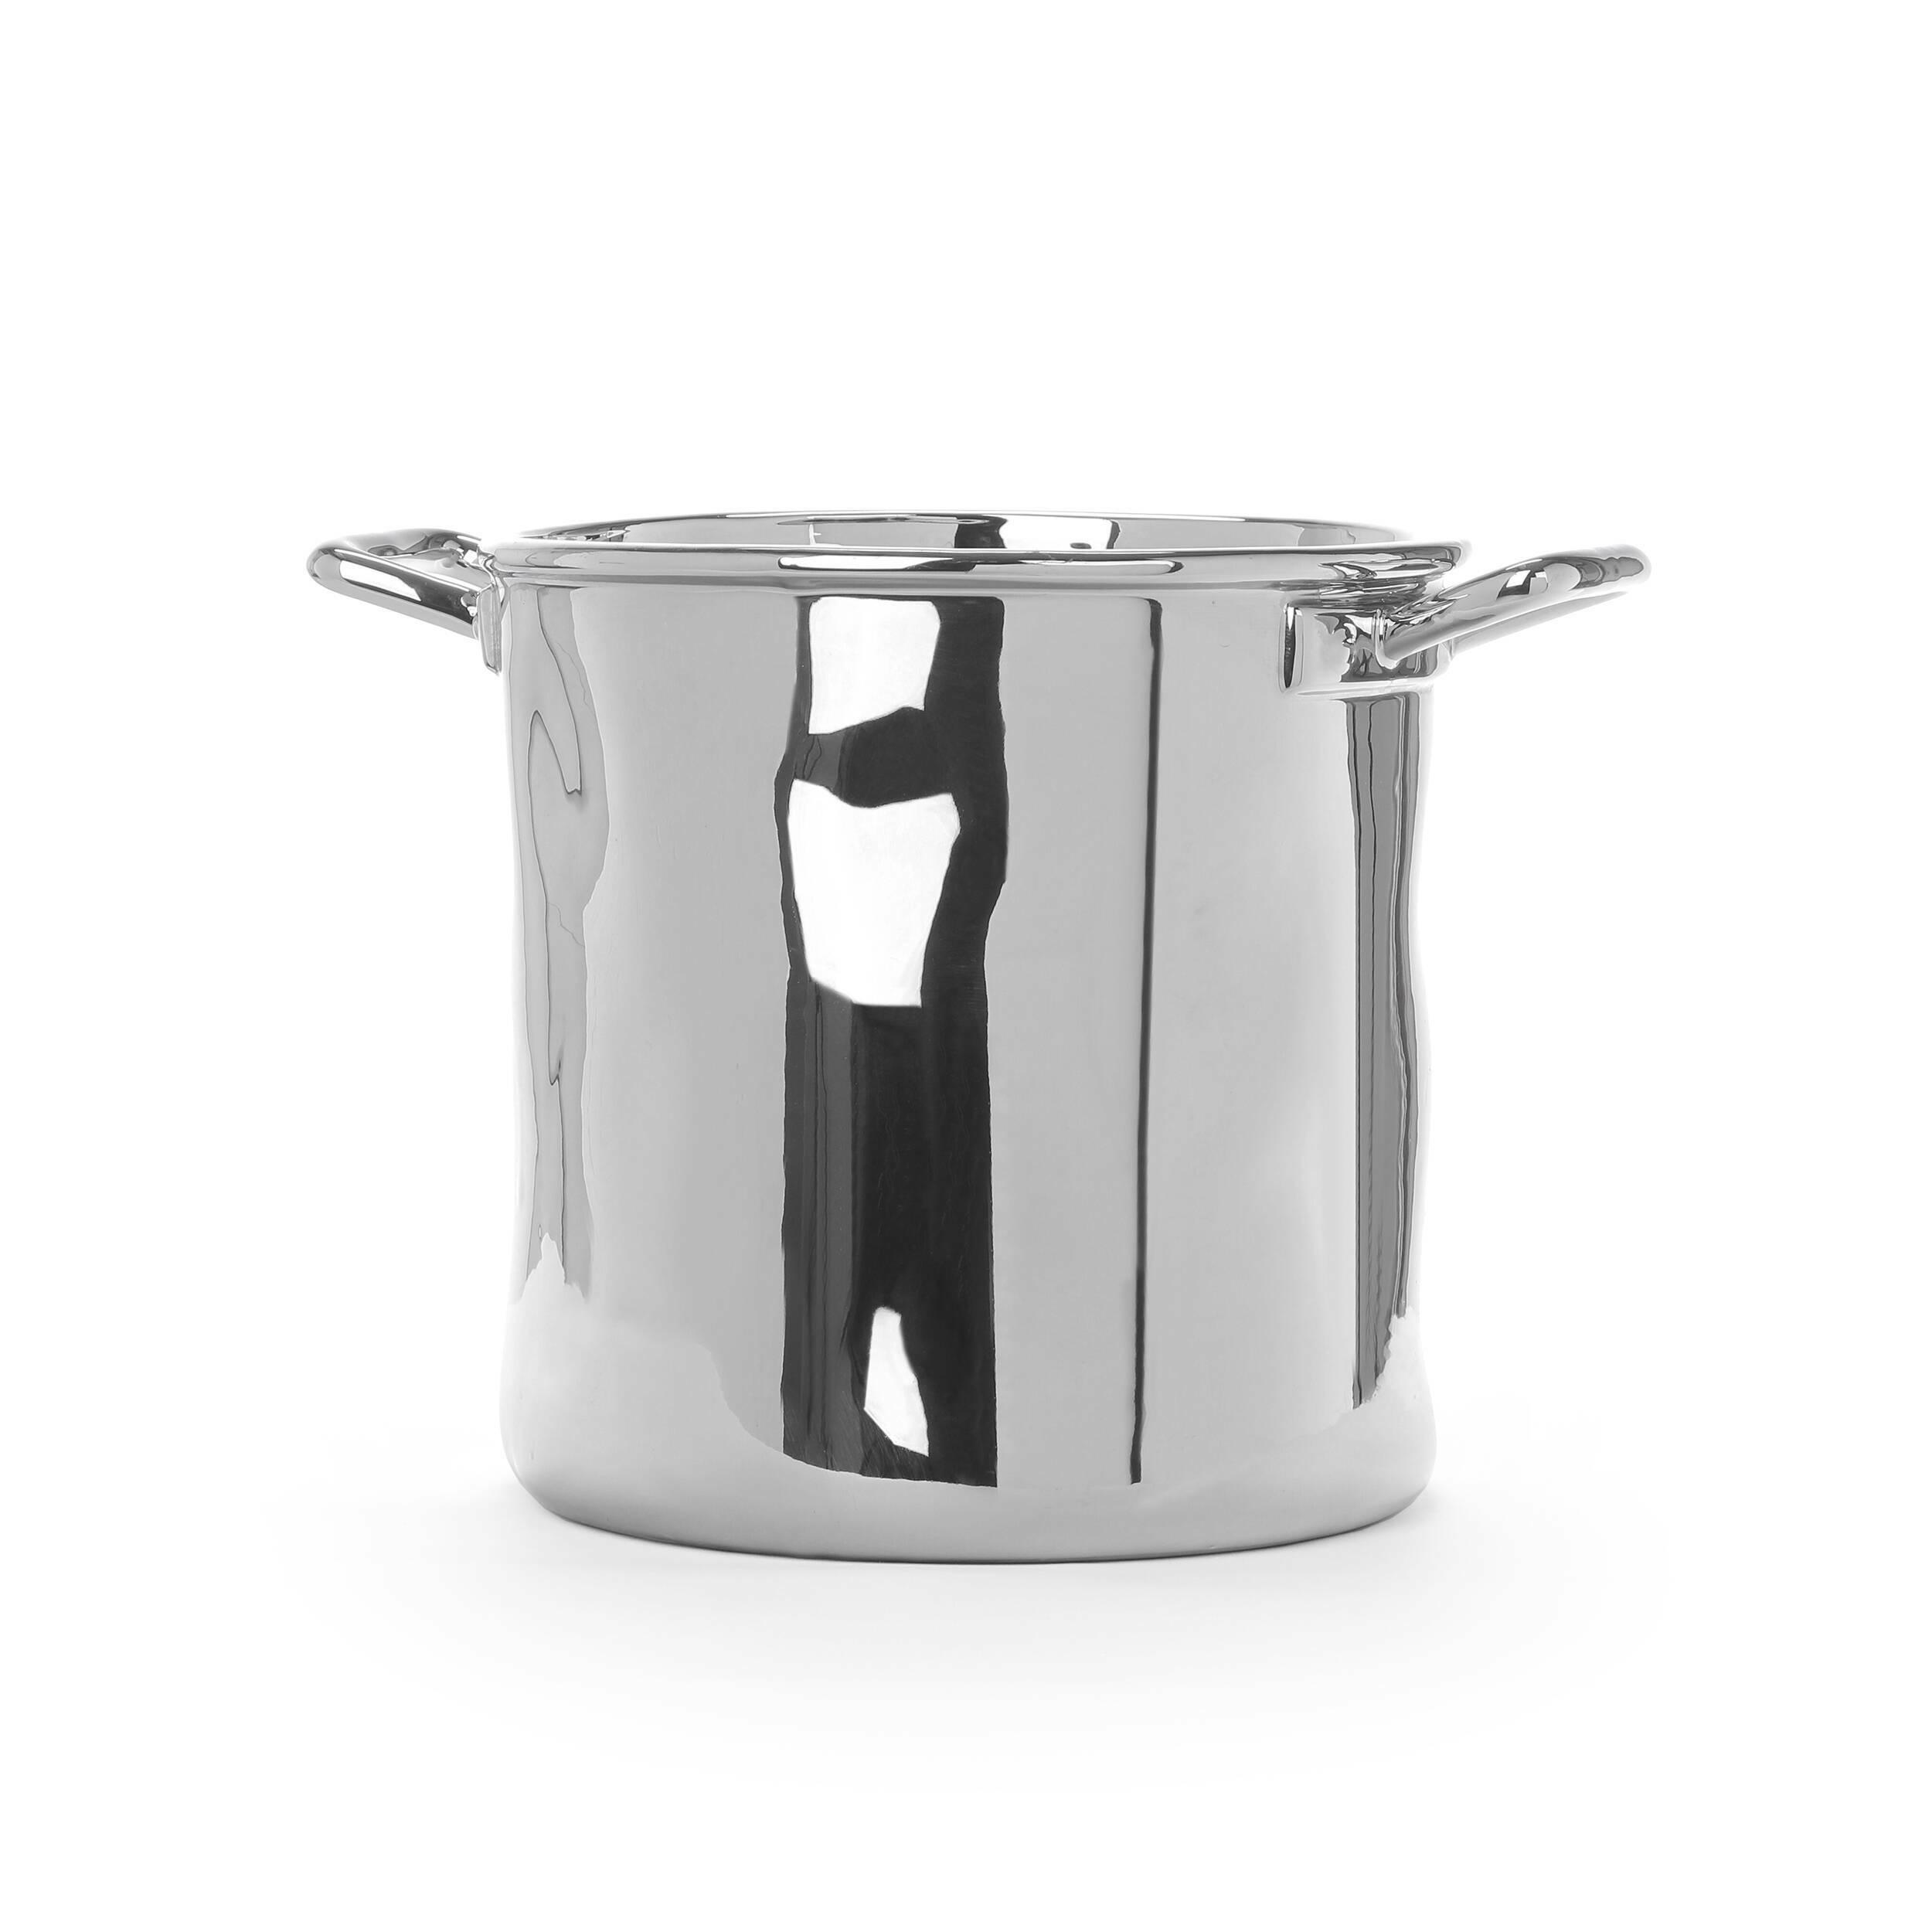 Кастрюля Estetico QuotidianoПосуда<br>Кастрюля Estetico Quotidiano – это отличный вариант для украшения домашнего быта. Дизайнеры компании Seletti выполнили ее в современном, глянцевом стиле. Это декоративная модель, которая освежит любую кухонную или столовую обстановку.<br><br><br> Кастрюля Estetico Quotidiano изготавливается из высококачественного фарфора и оформляется в серебристо-металлический цвет. Декор из фарфора во все времена служил наиболее ценным и красивым украшением для домашнего интерьера. Зеркальная поверхность издел...<br><br>stock: 0<br>Высота: 22<br>Материал: Фарфор<br>Цвет: Серебряный<br>Диаметр: 22